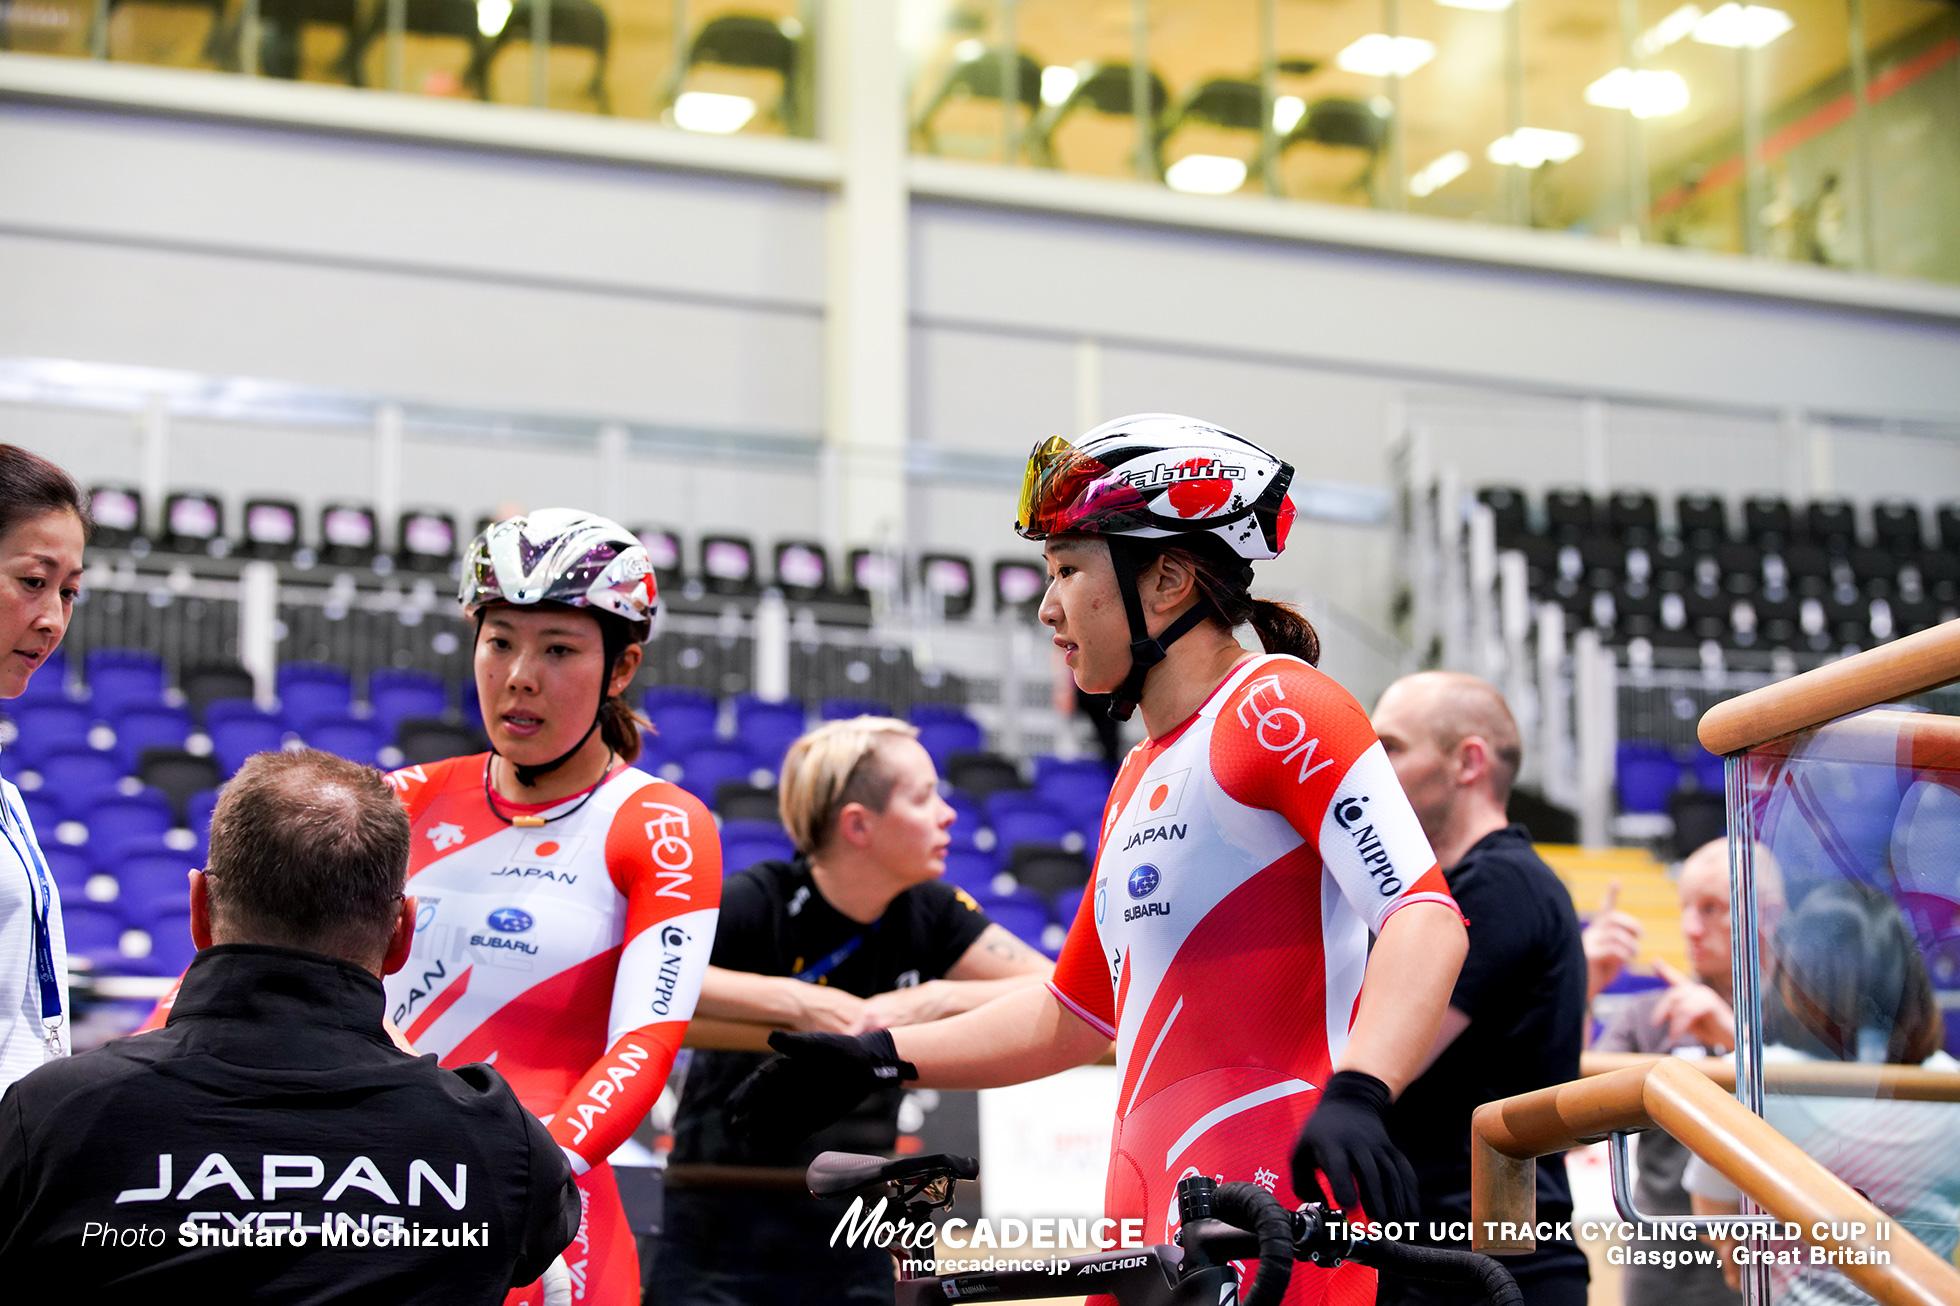 中村妃智 梶原悠未 TISSOT UCI TRACK CYCLING WORLD CUP II, Glasgow, Great Britain